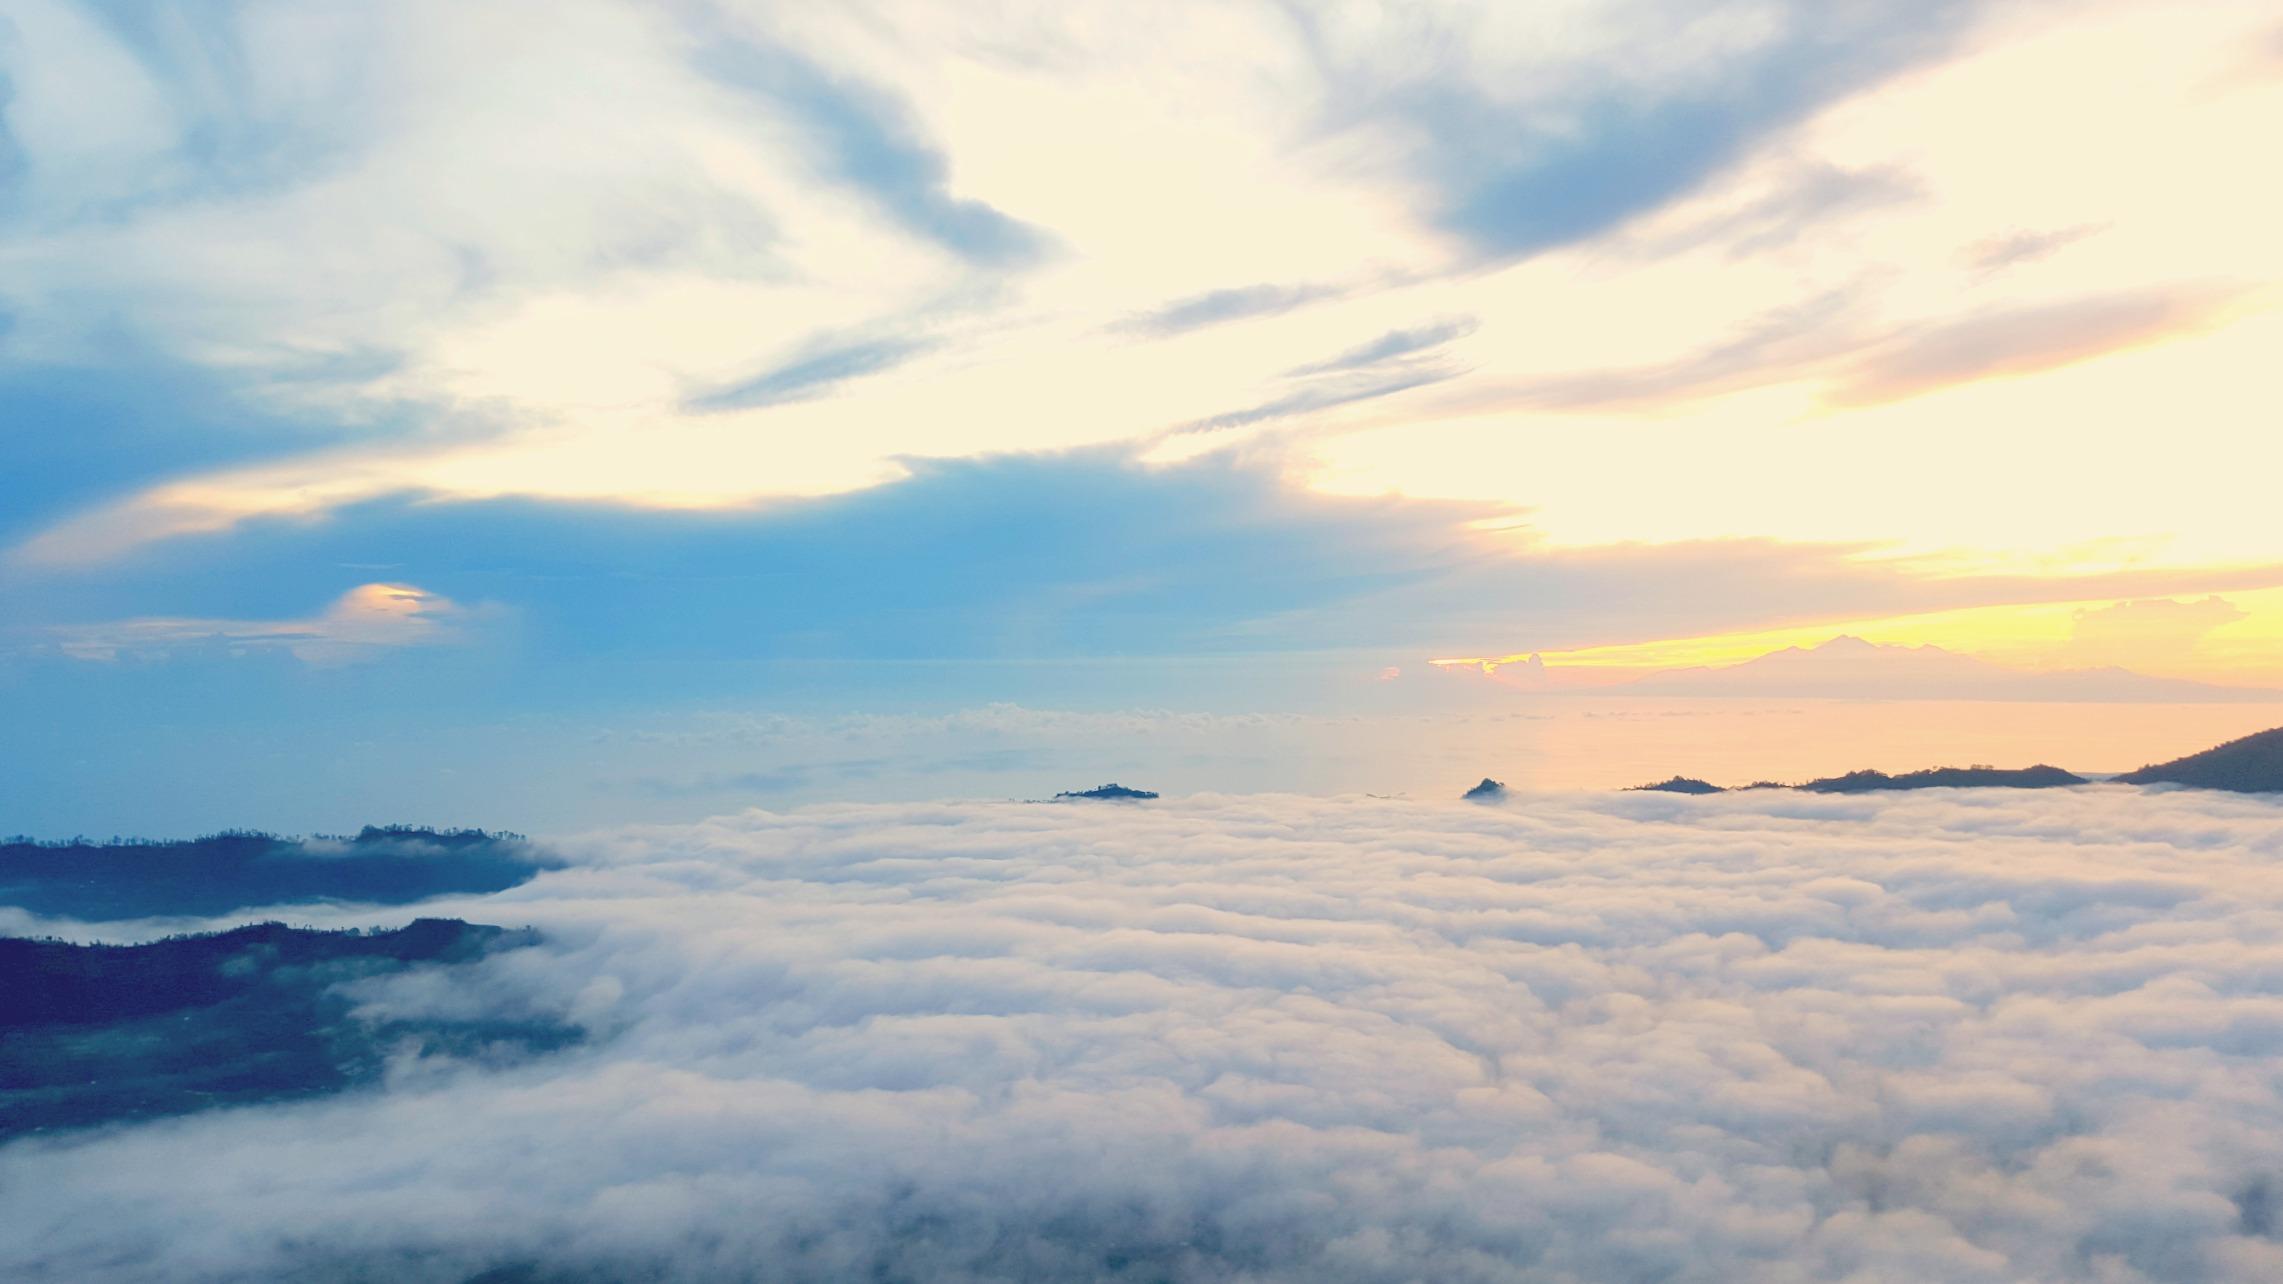 Top of Mount Batur